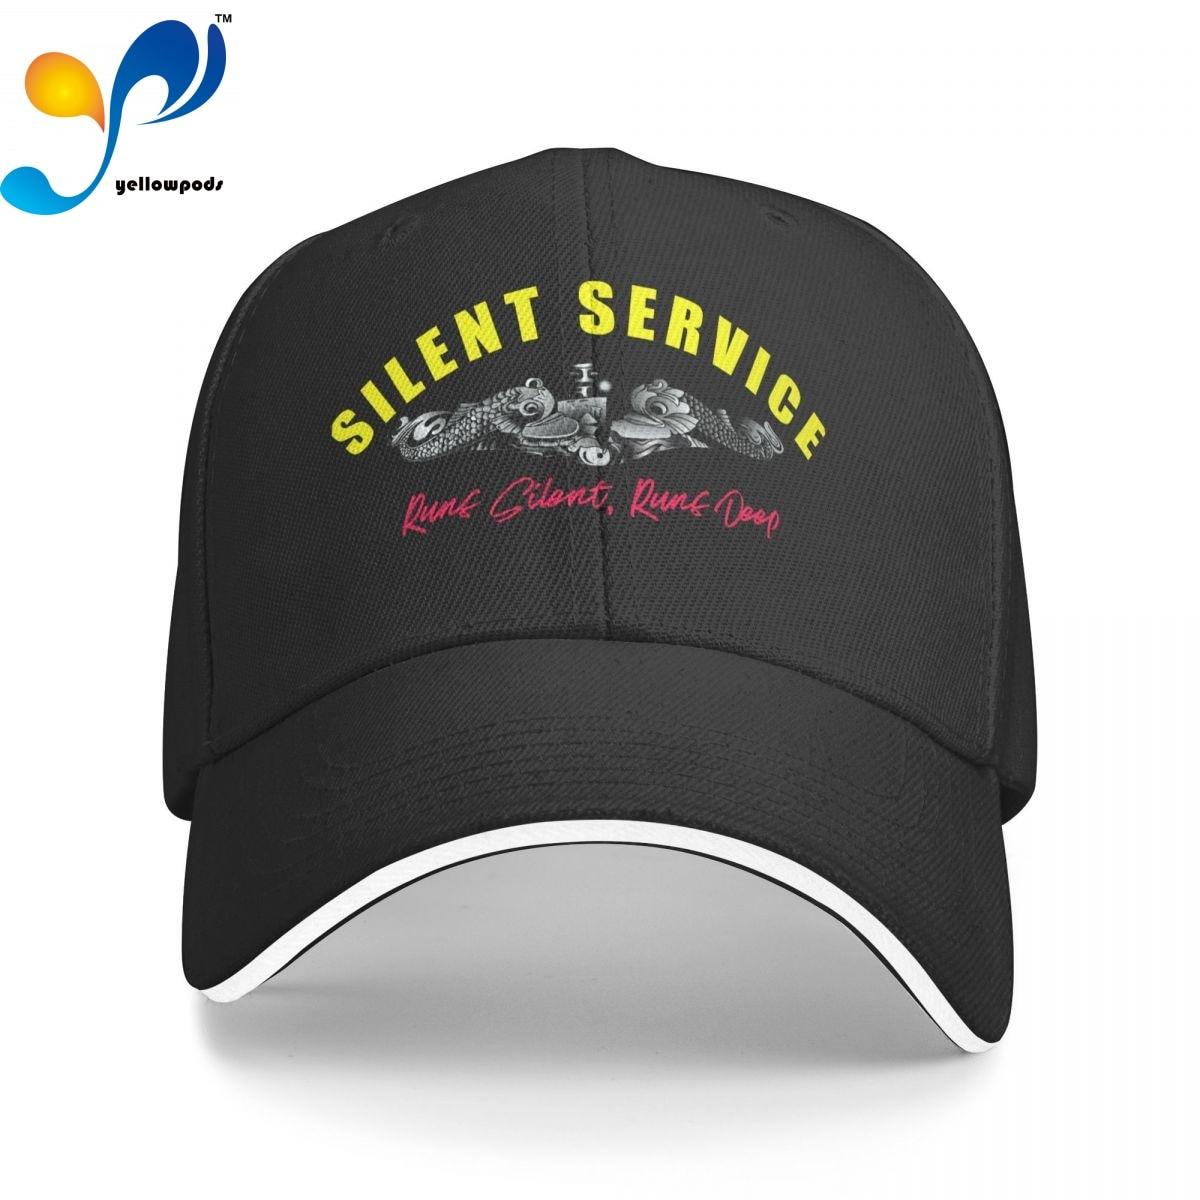 Бейсболка Мужская Бесшумная, модная бейсболка с глубоким вырезом, шапки для логотипа, мужская шапка для отца, кепка для грузовика